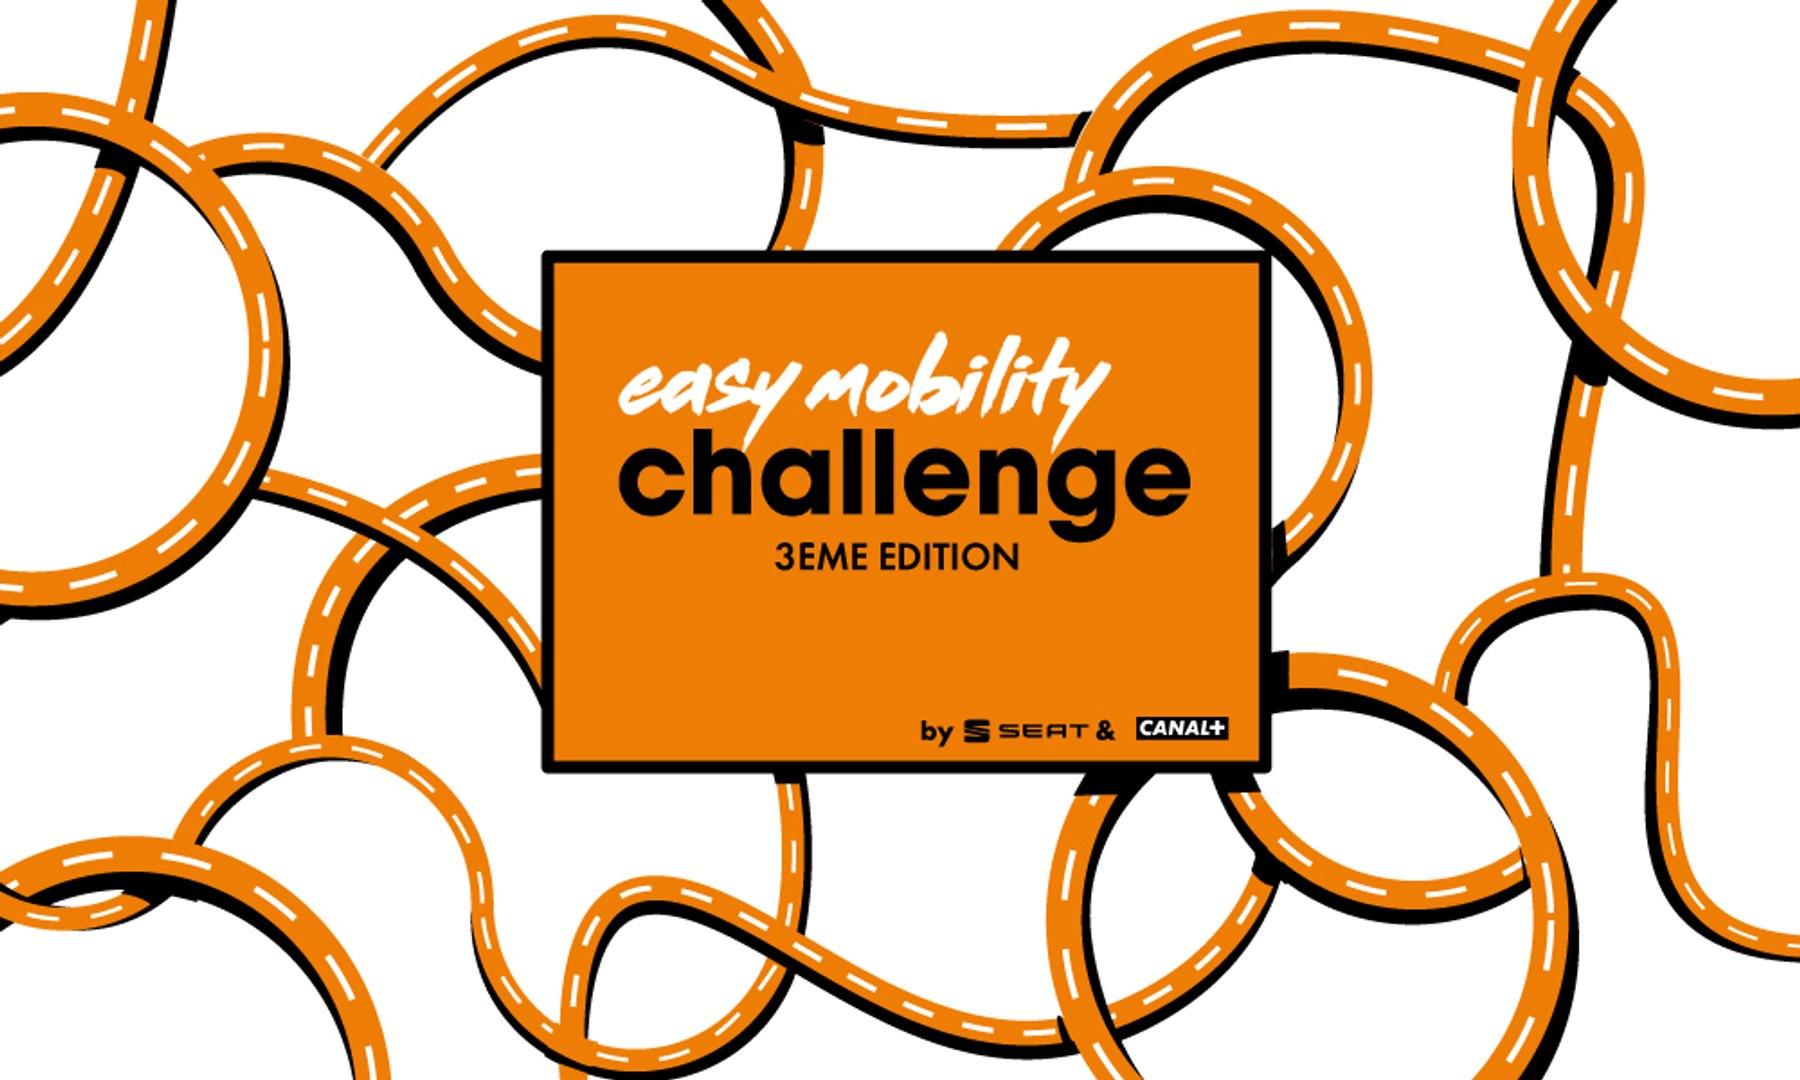 Easy Mobility Challenge 3eme Edition Du Concours De Startups De Canal Et Seat C Est Parti